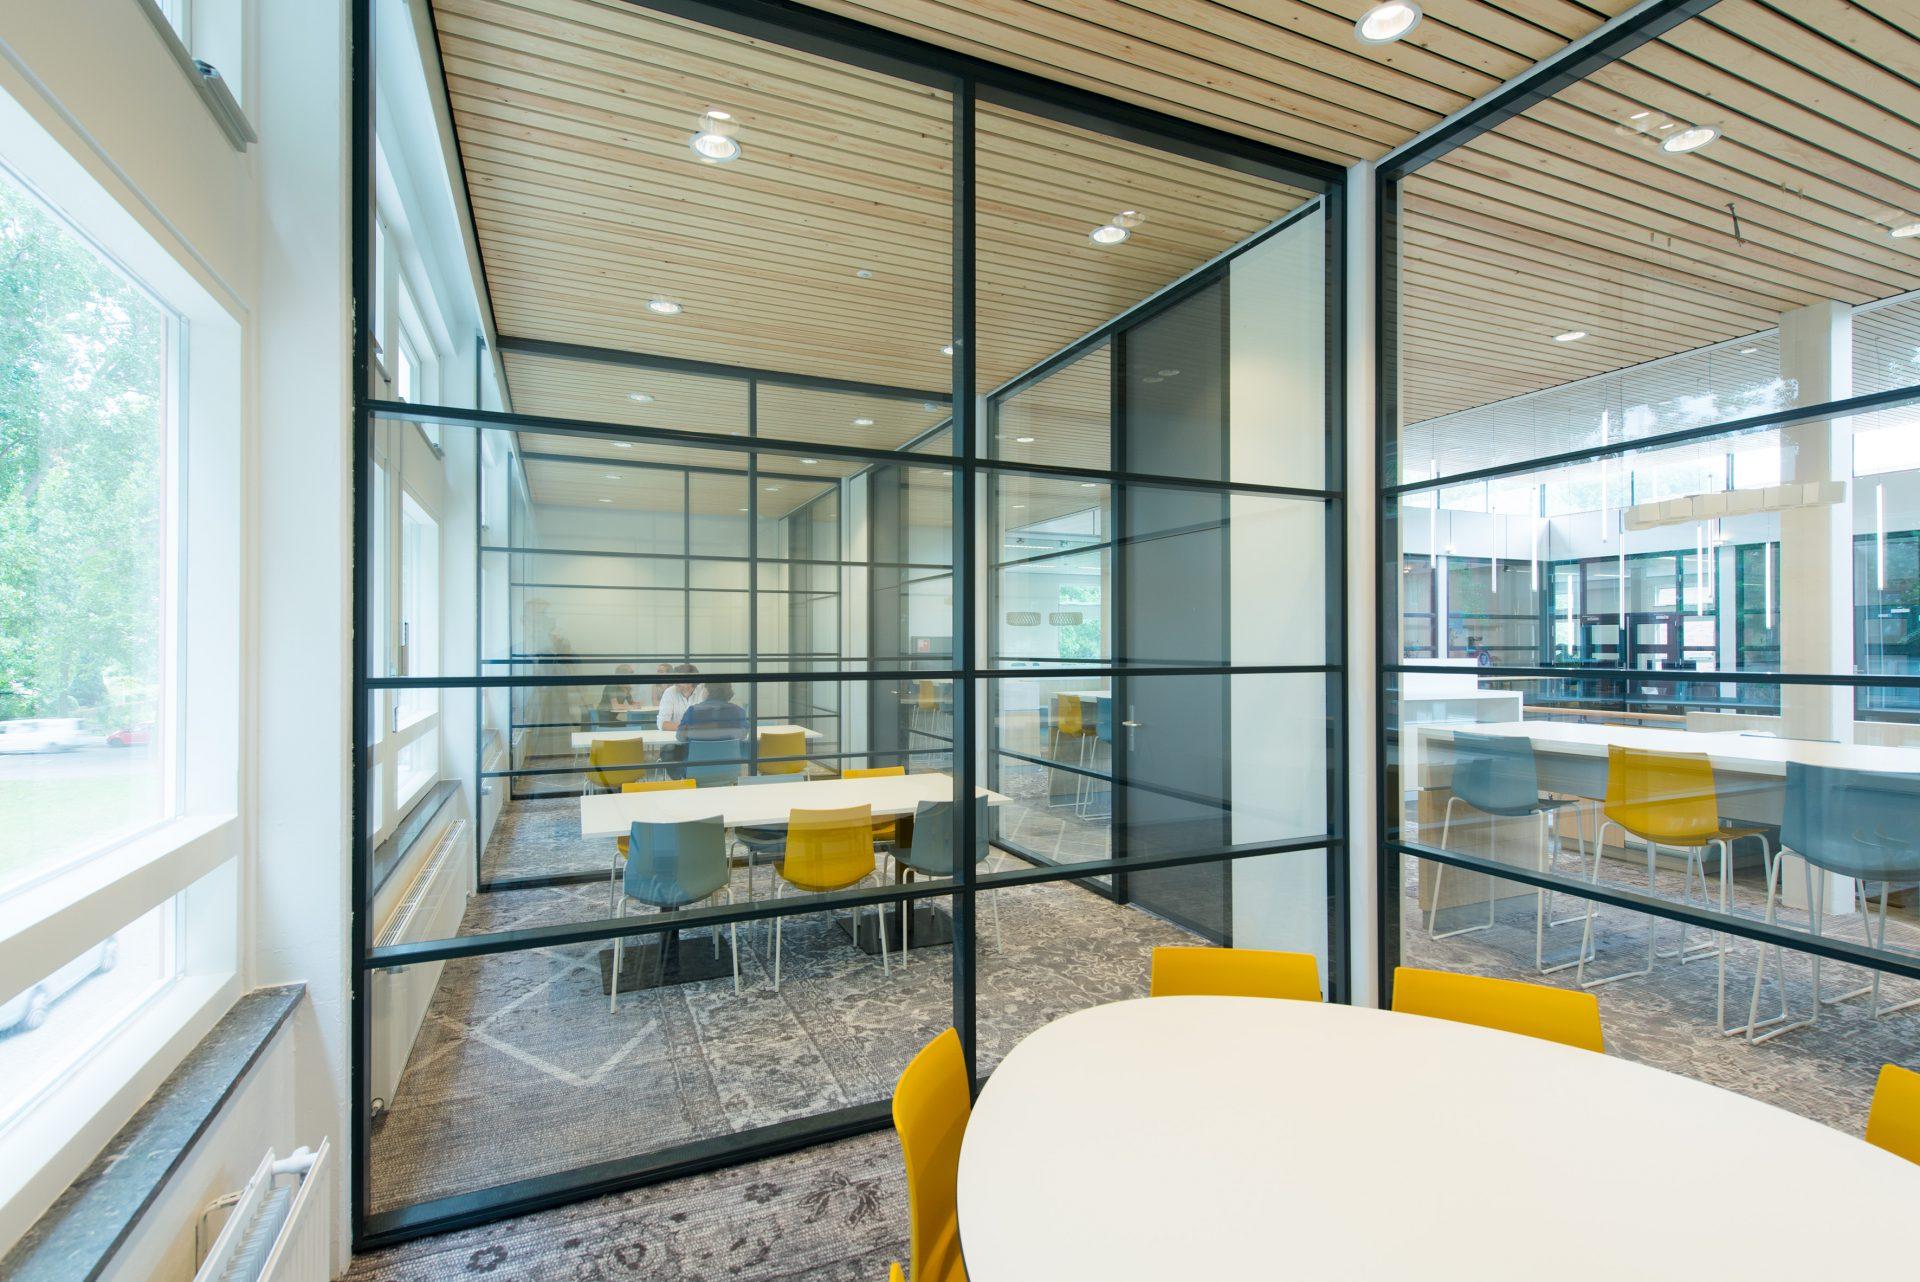 Leerpleinen Zuid-West College, Den Haag - 10